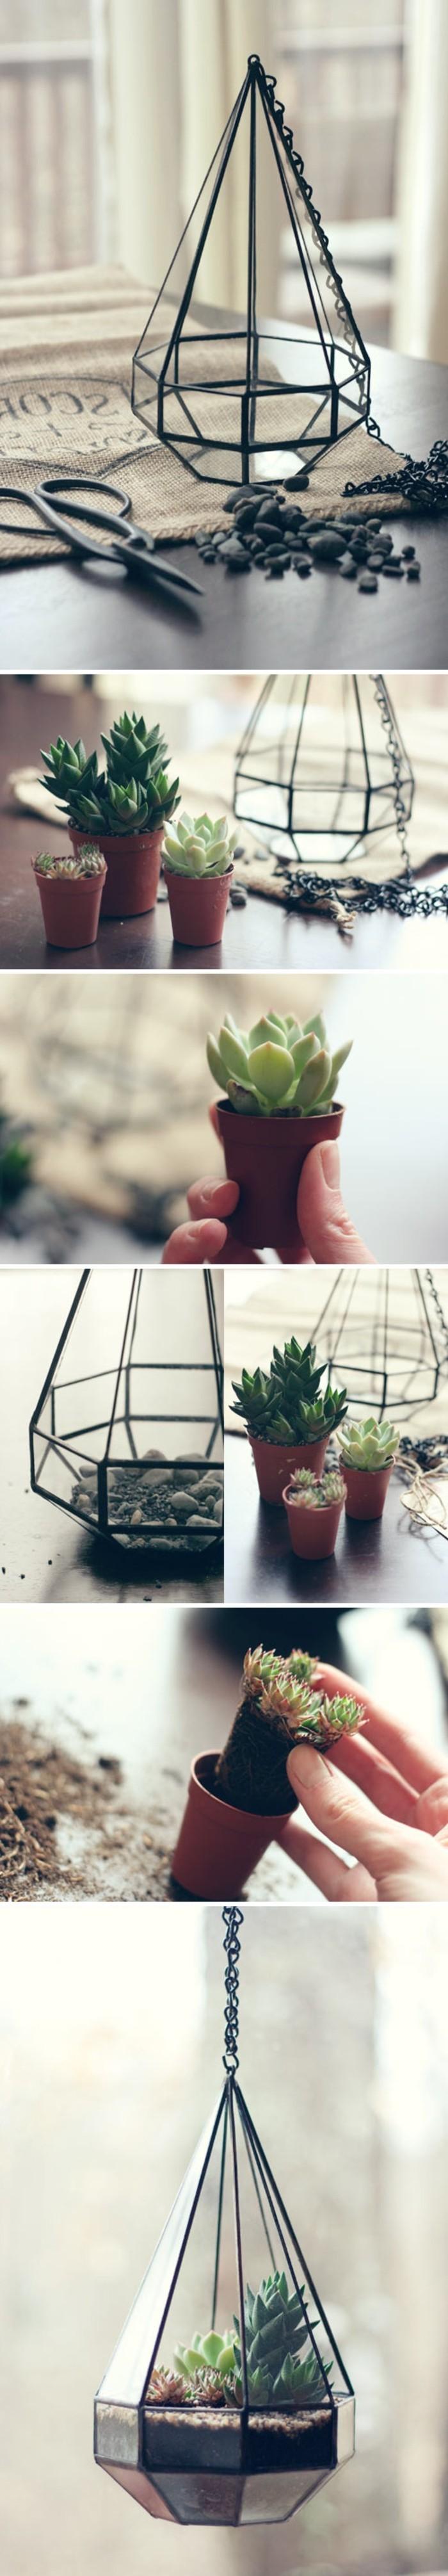 un-joli-tutoriel-pour-un-terrarium-plante-suspendu-idee-tres-sympa-comment-fabriquer-un-terrarium